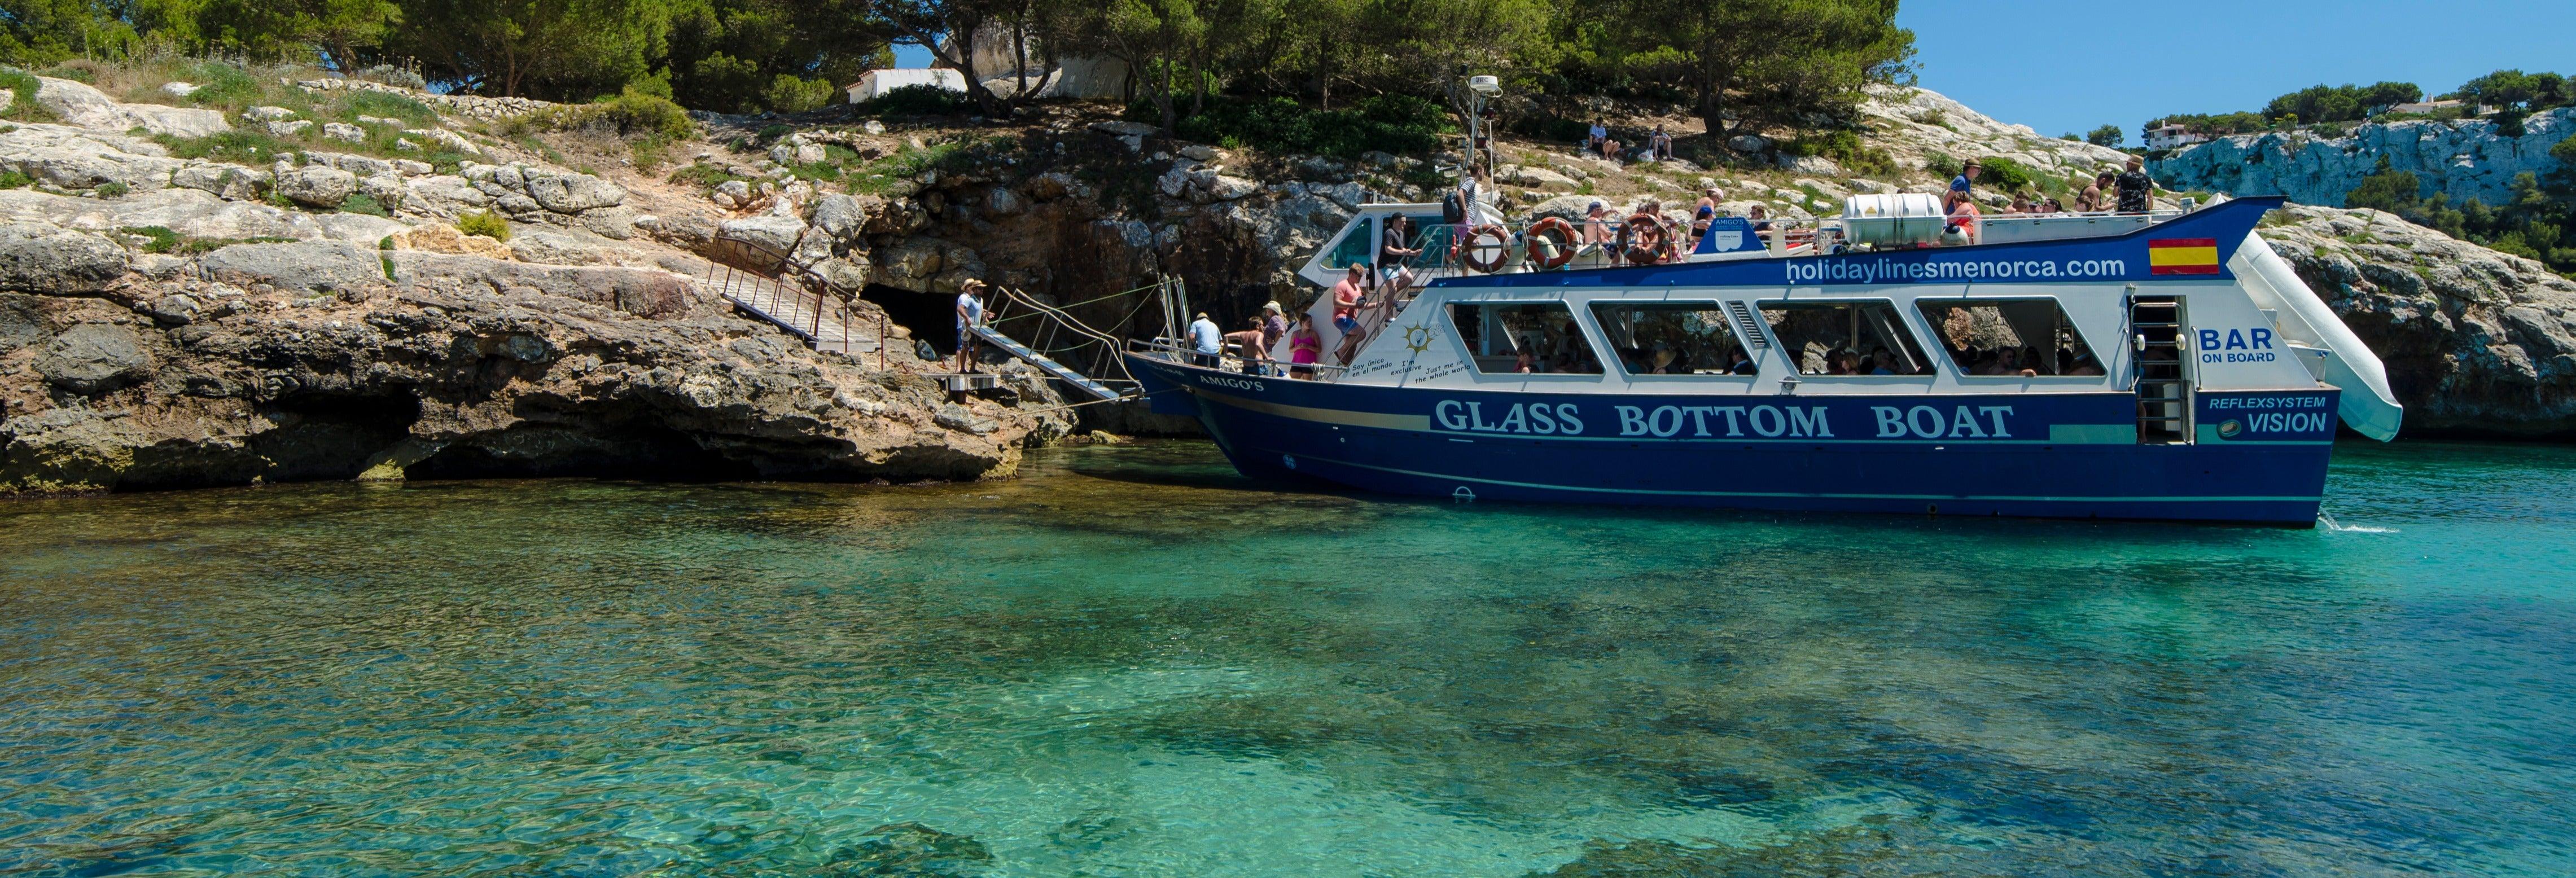 Barco a Cala Galdana saindo de Cala'n Bosch